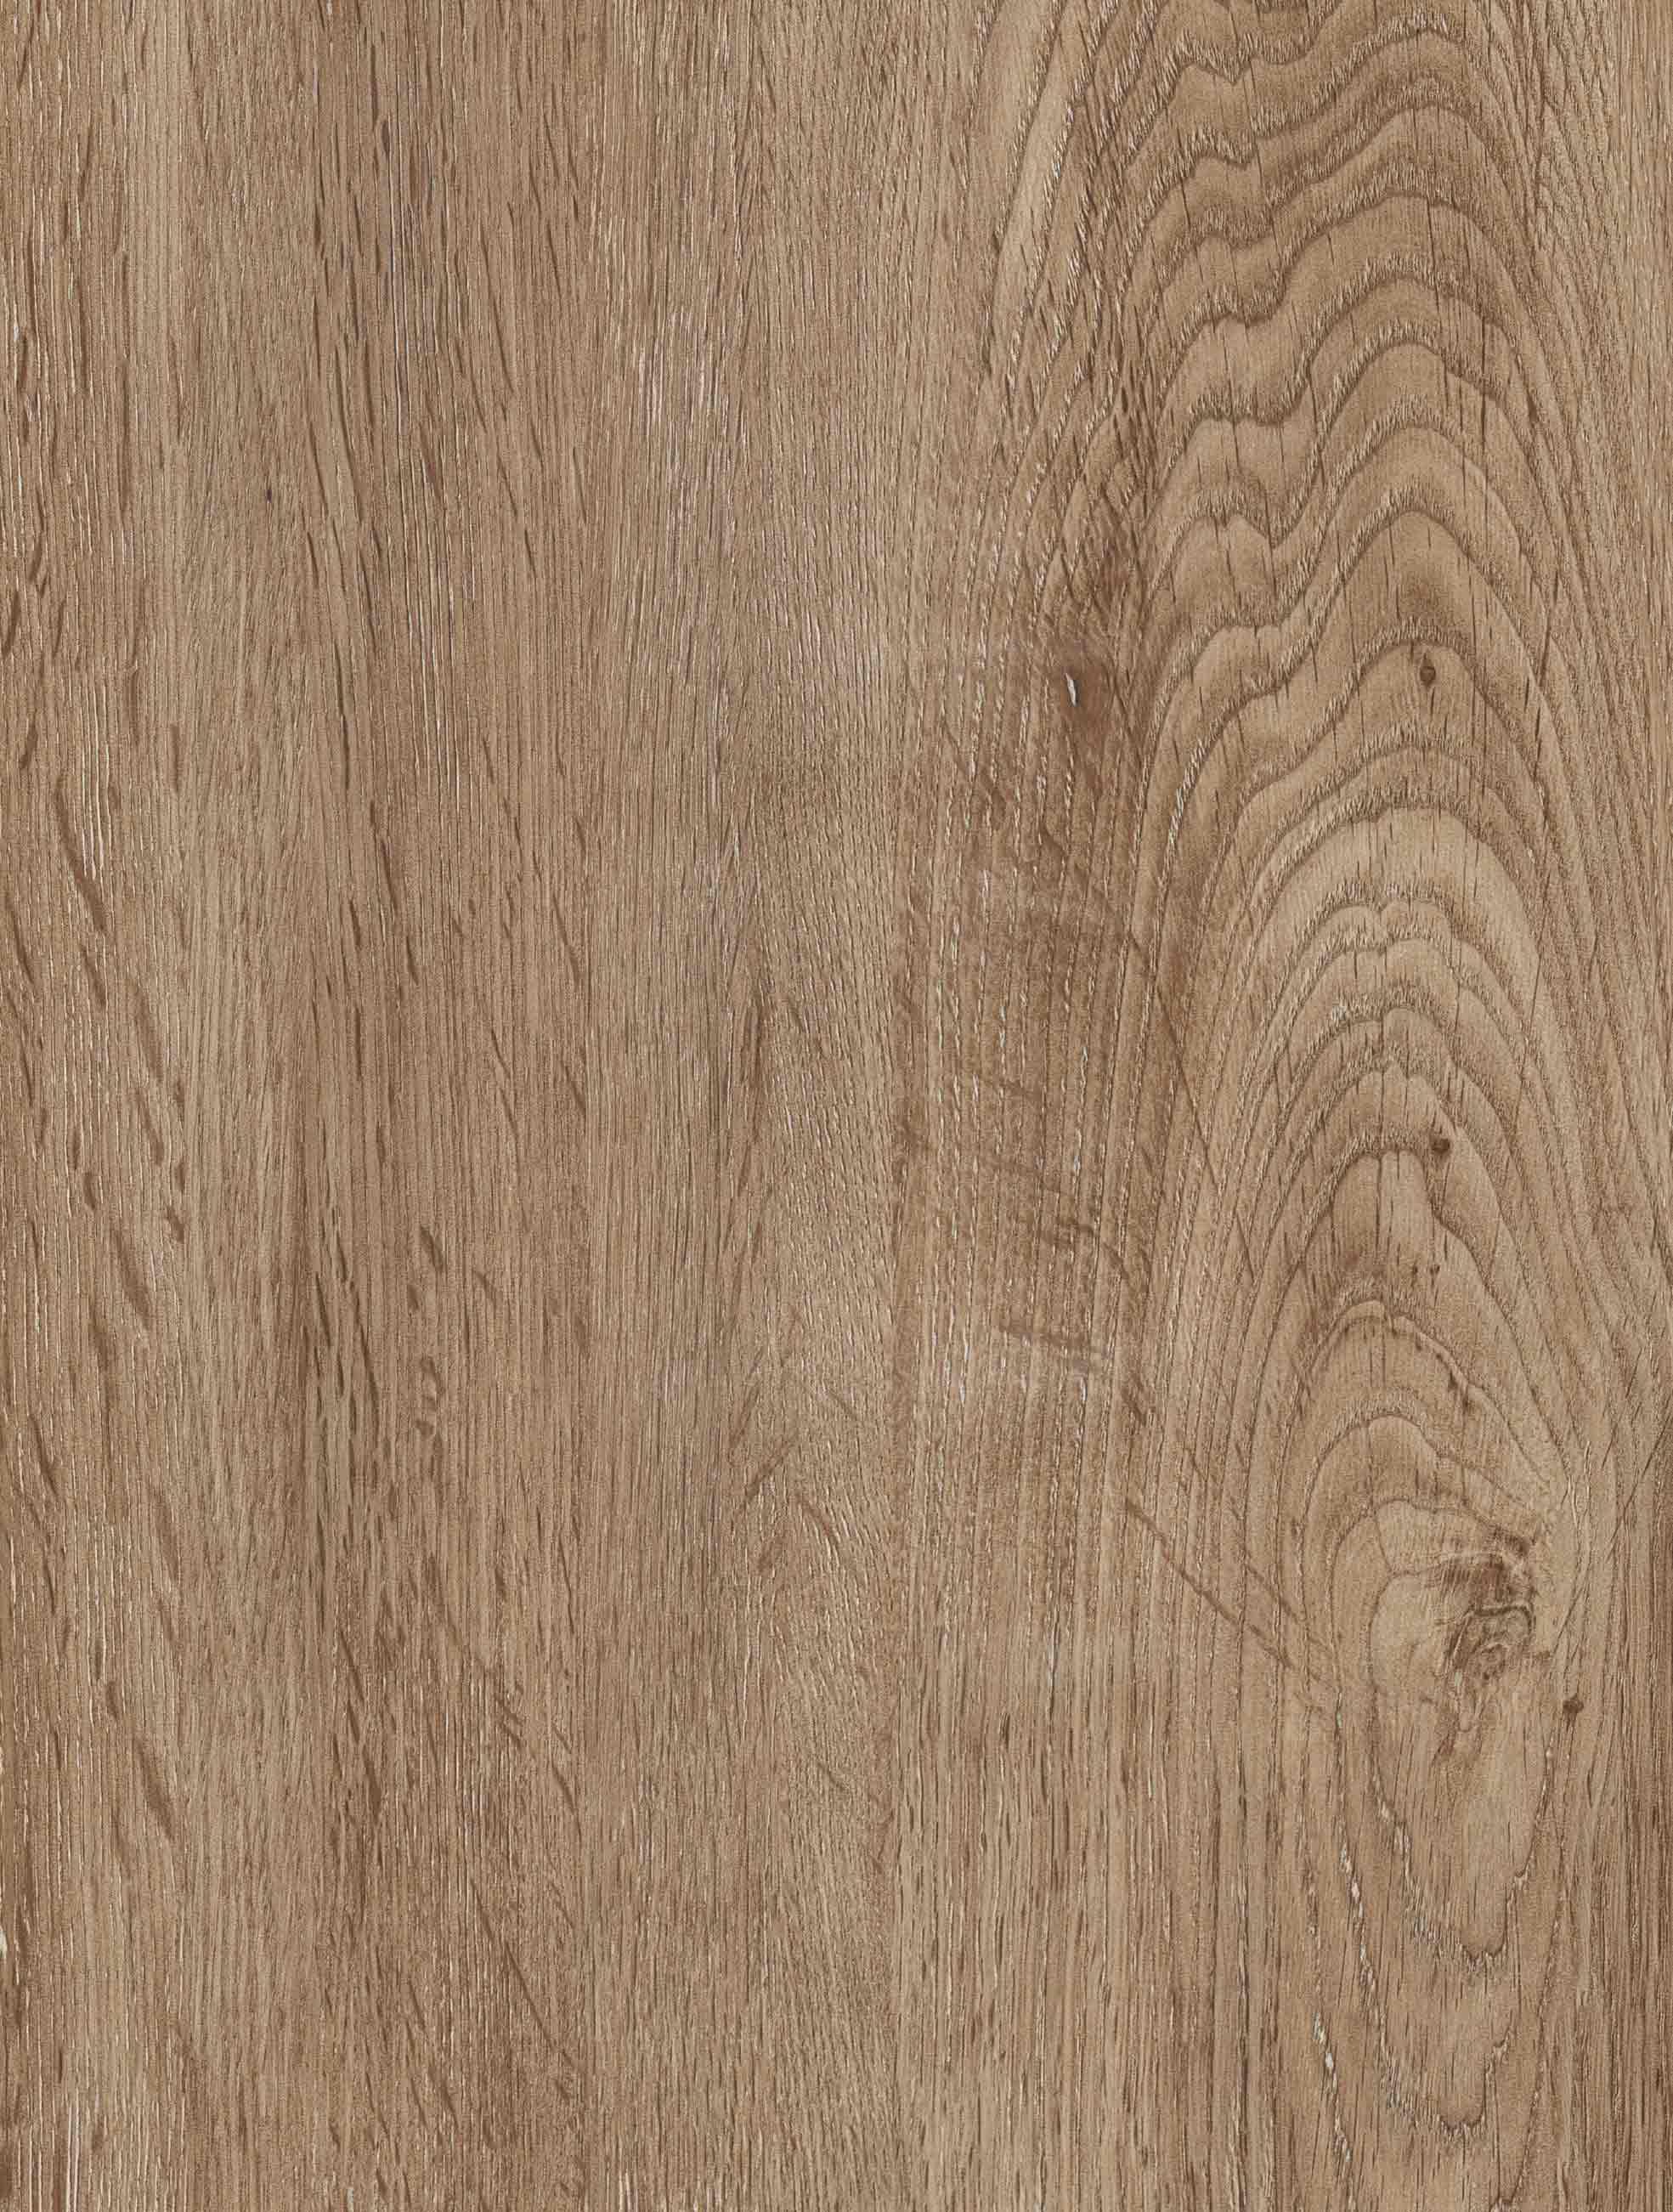 橡木 cd03086-02 材质 pvc地板,wpc地板 尺寸 使用环境